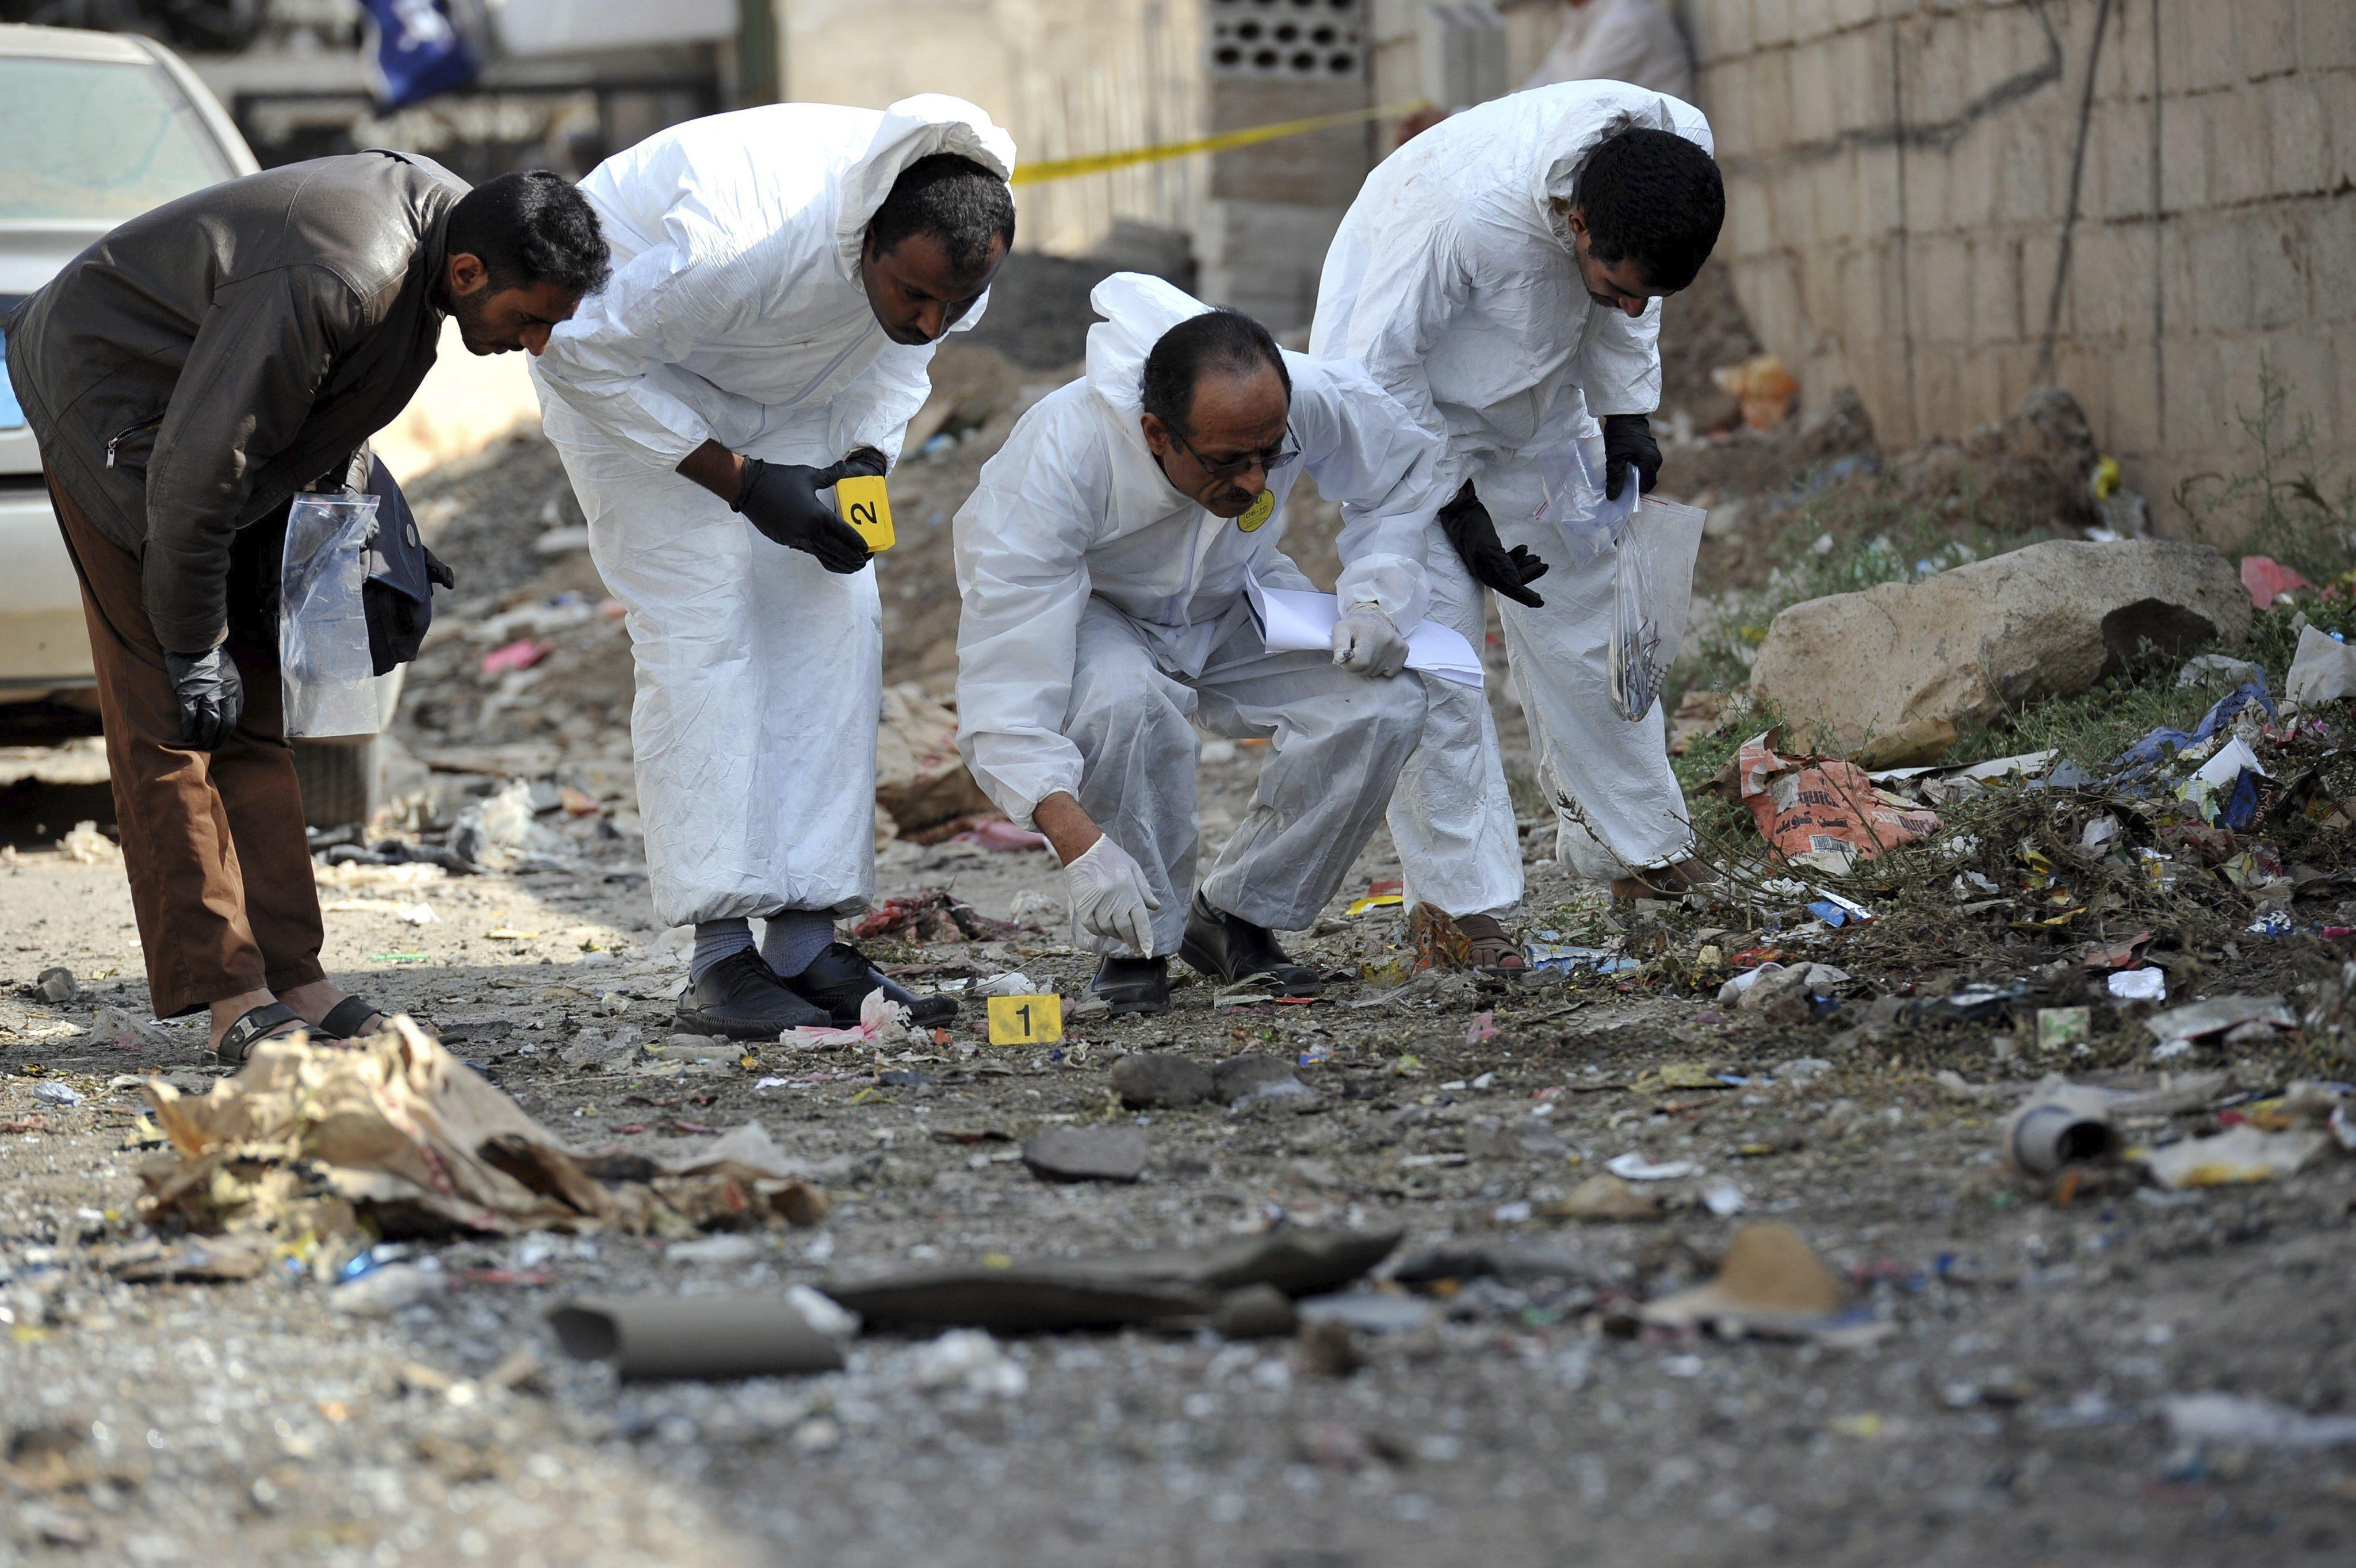 Dos muertos al estallar una granada en un mercado en Yemen